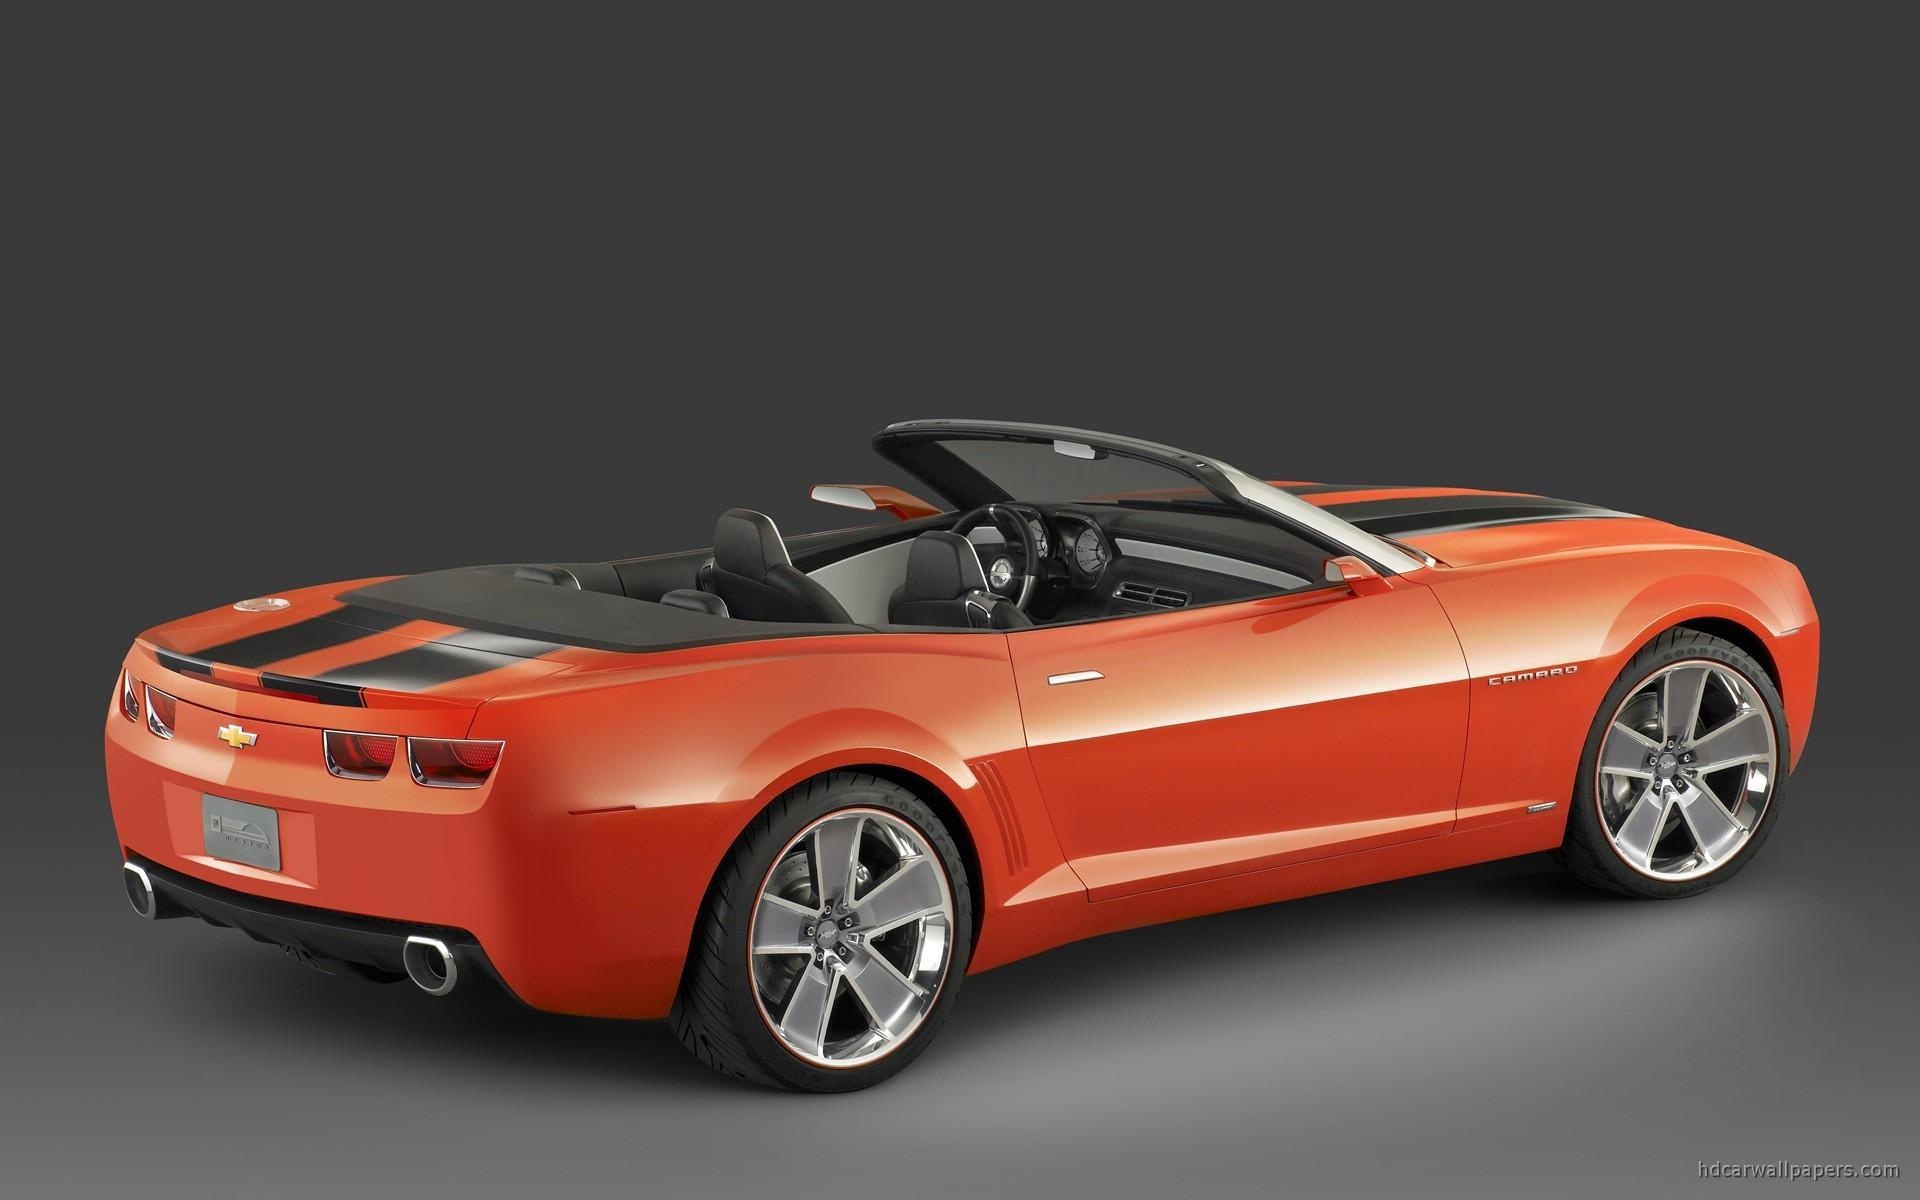 Chevrolet Camaro Convertible Concept 2 Wallpaper | HD Car ...